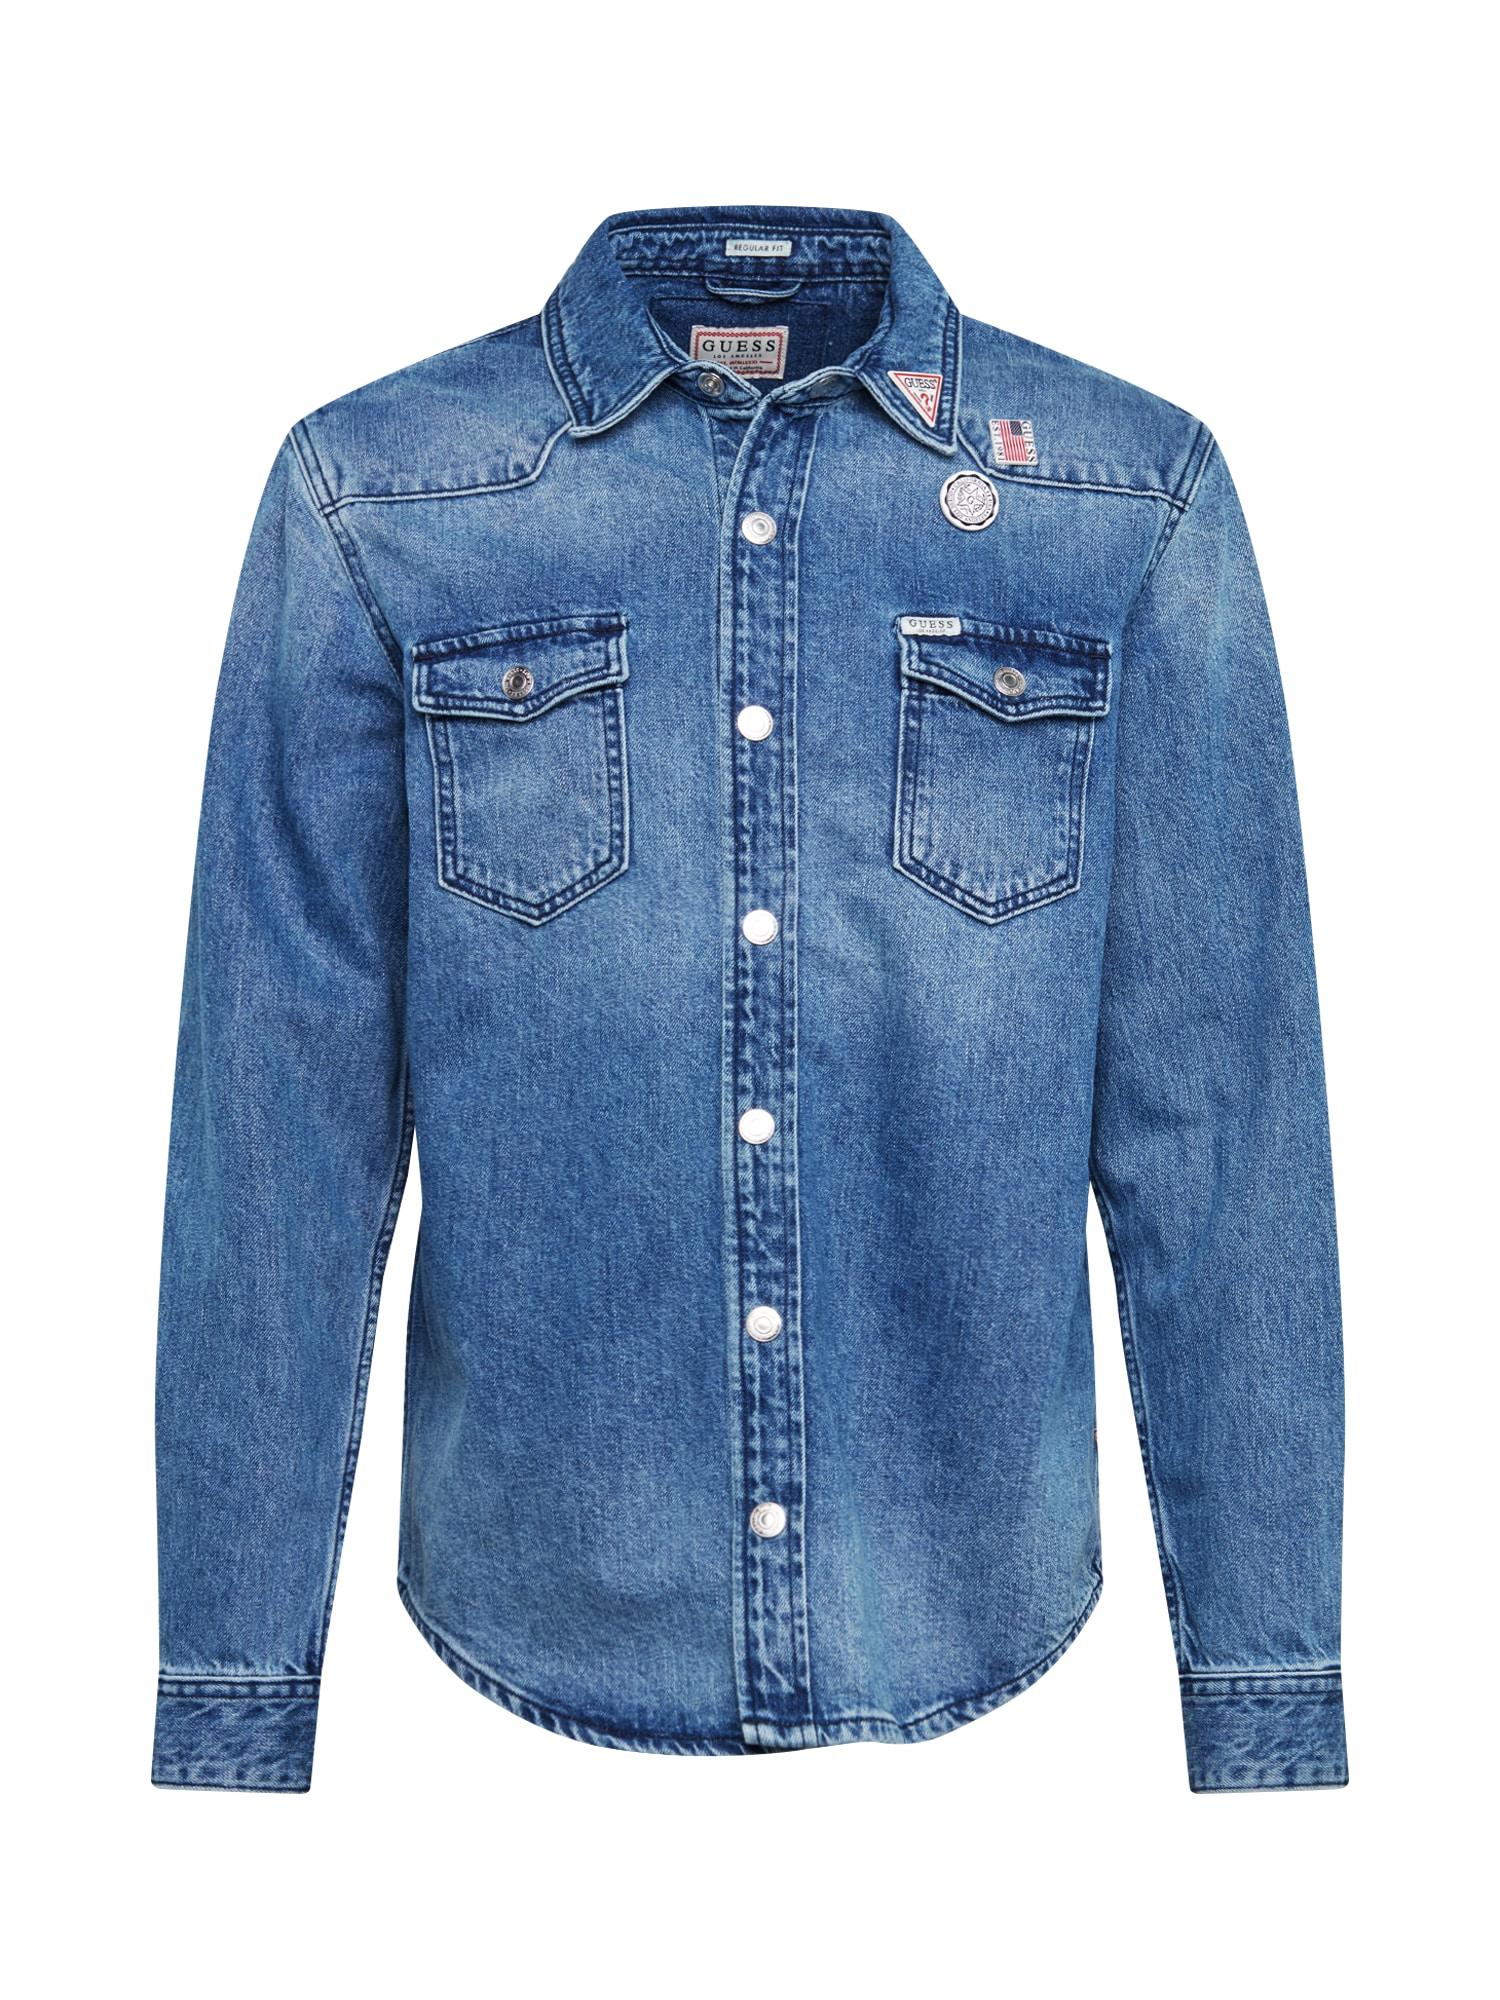 GUESS Dalykiniai marškiniai 'WEST' tamsiai (džinso) mėlyna